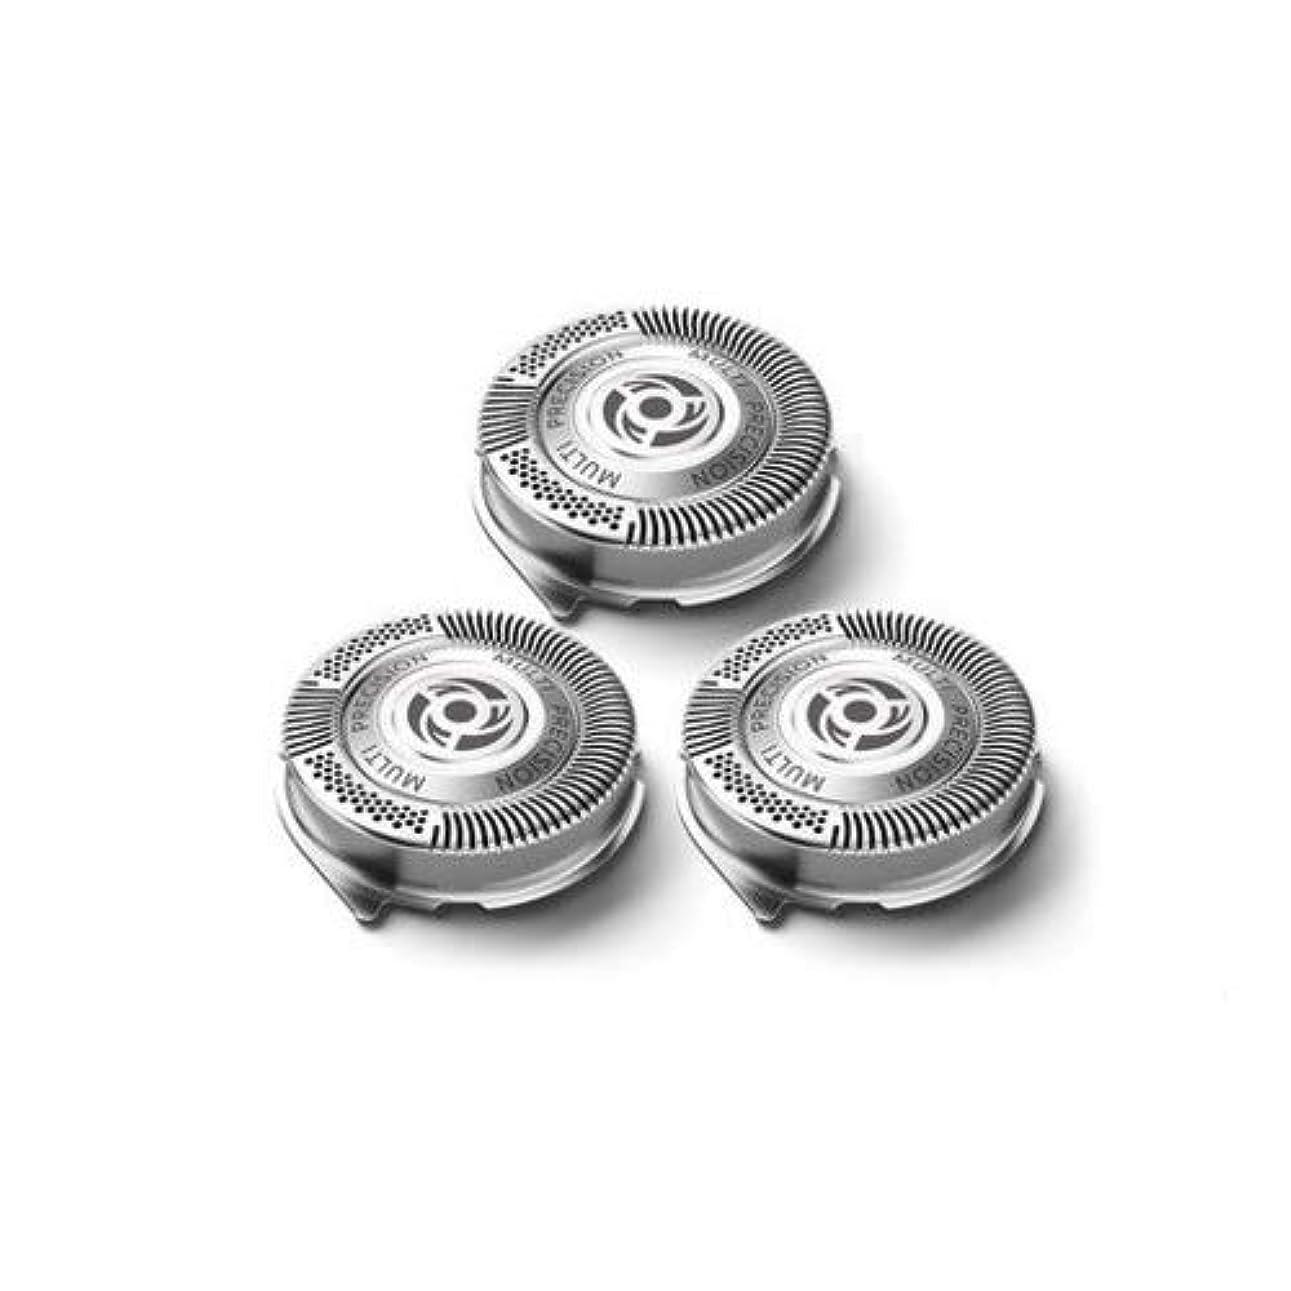 お互い瞳一部シェーバーカミソリヘッド交換 替え刃 に適用するPhilips SH50 DualPrecisionヘッド(3個)